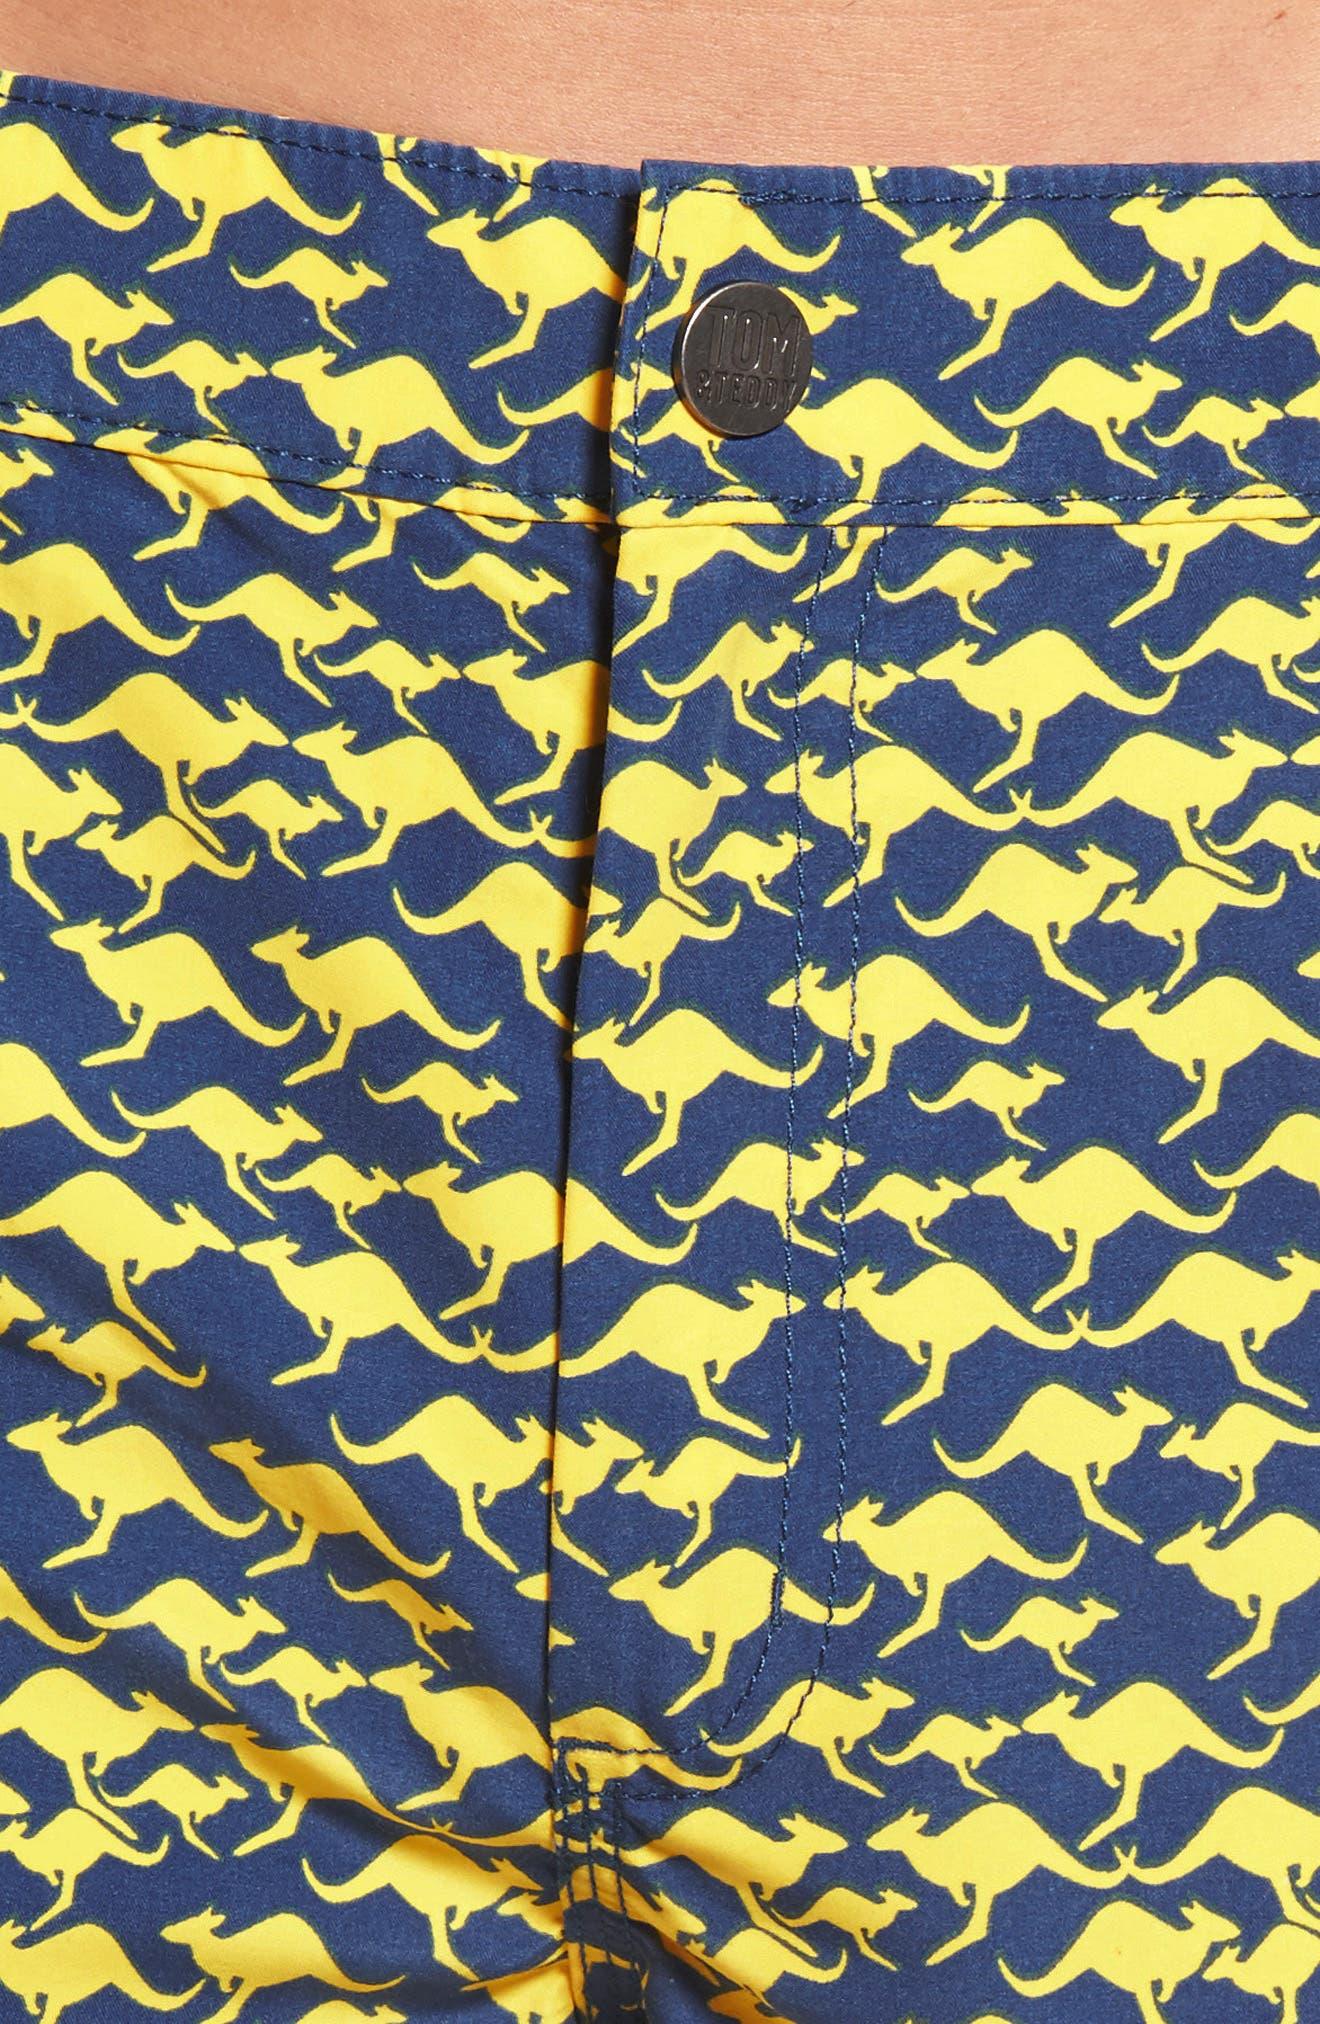 Kangaroo Swim Trunks,                             Alternate thumbnail 4, color,                             410